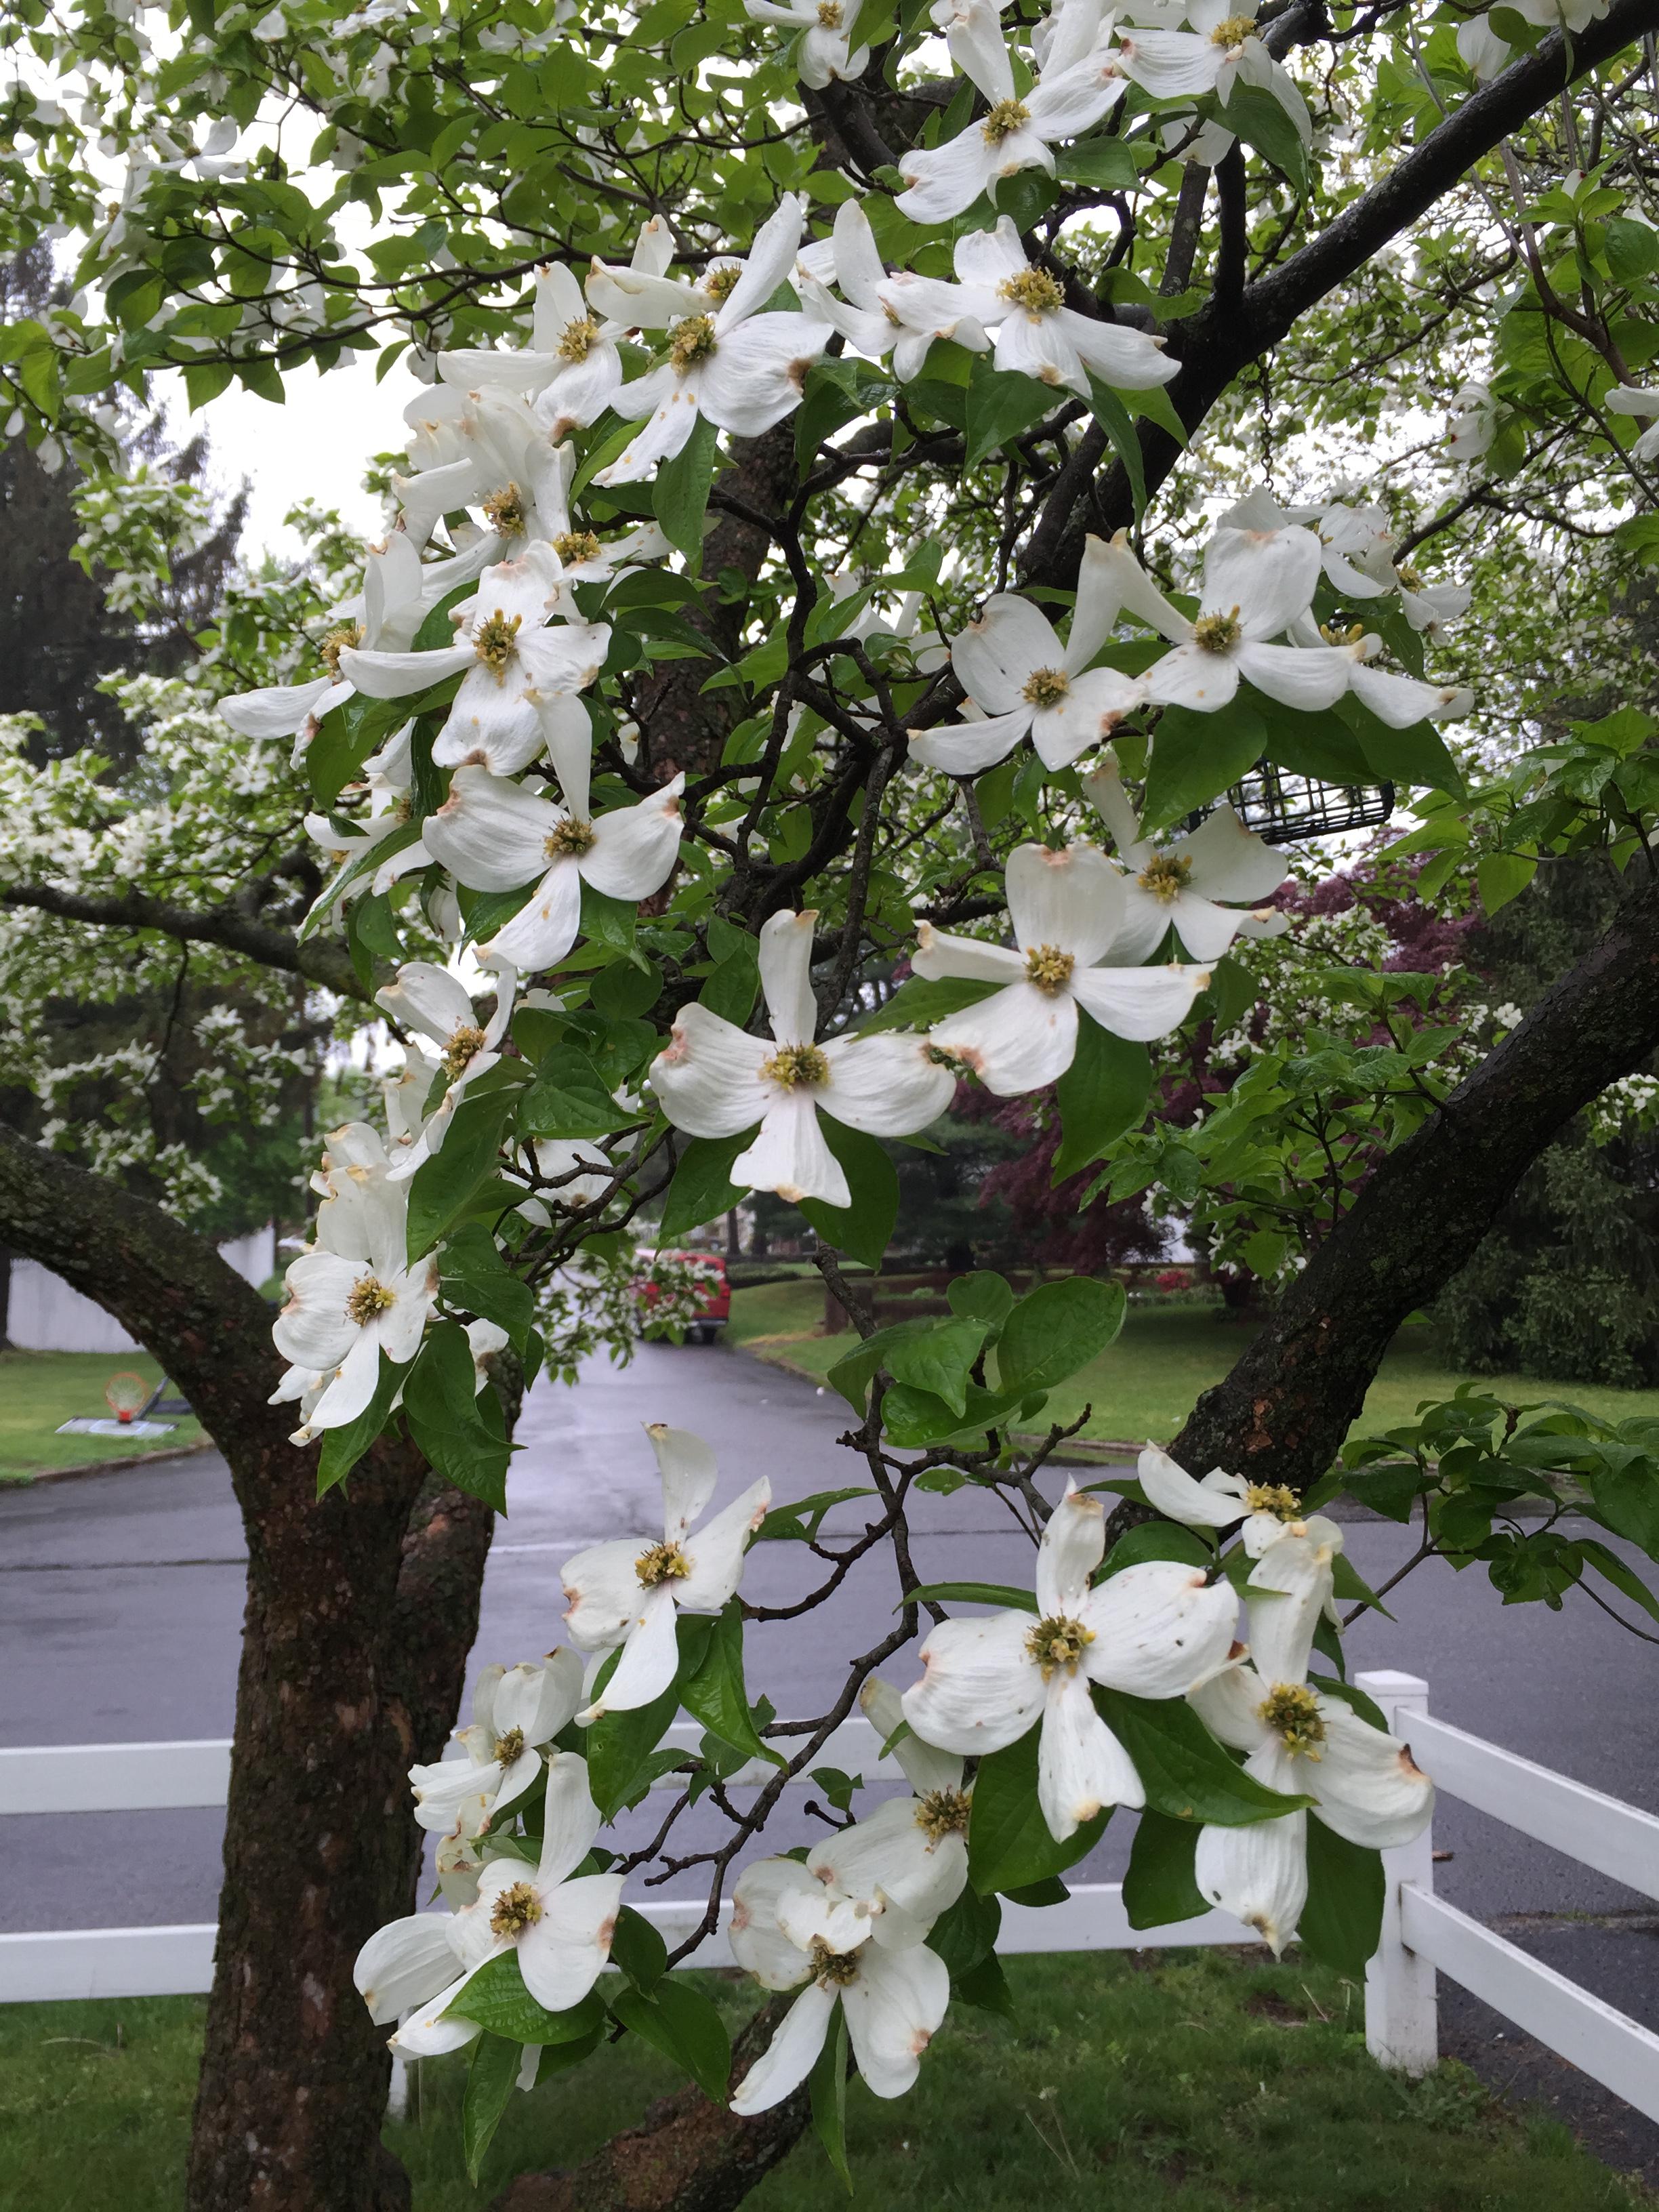 File2016 05 03 11 07 19 White Flowering Dogwood Blossoms Along